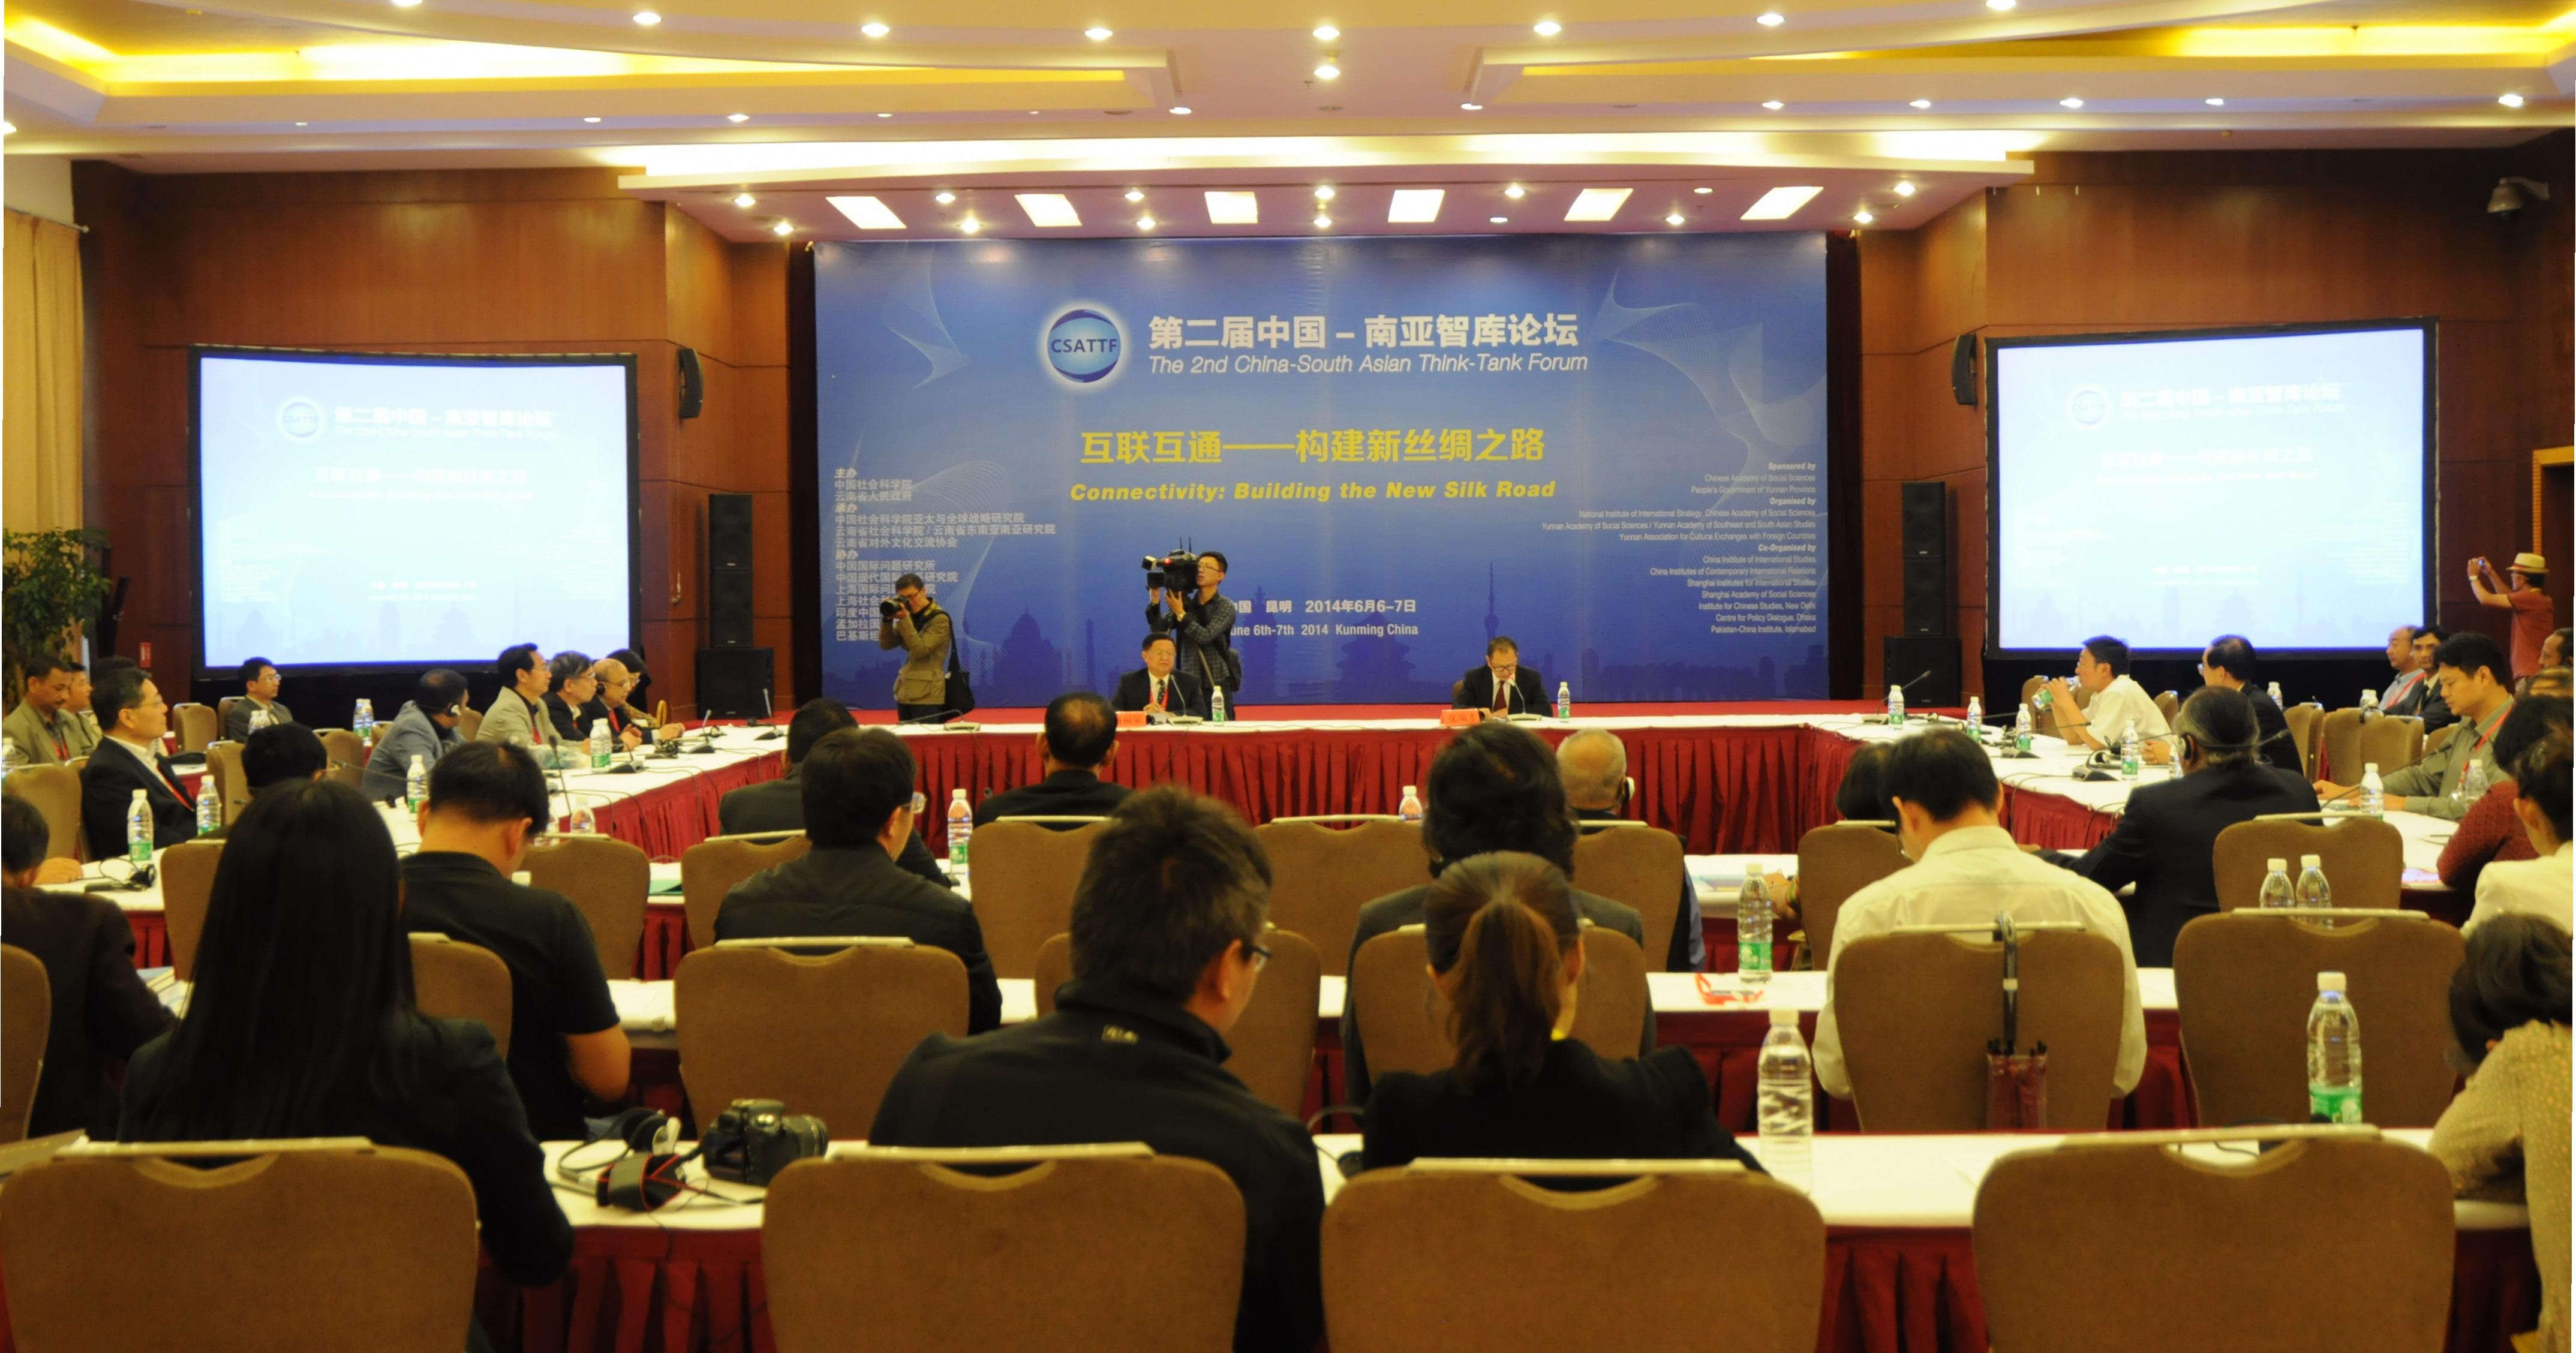 第二届中国—南亚智库论坛在昆明成功闭幕